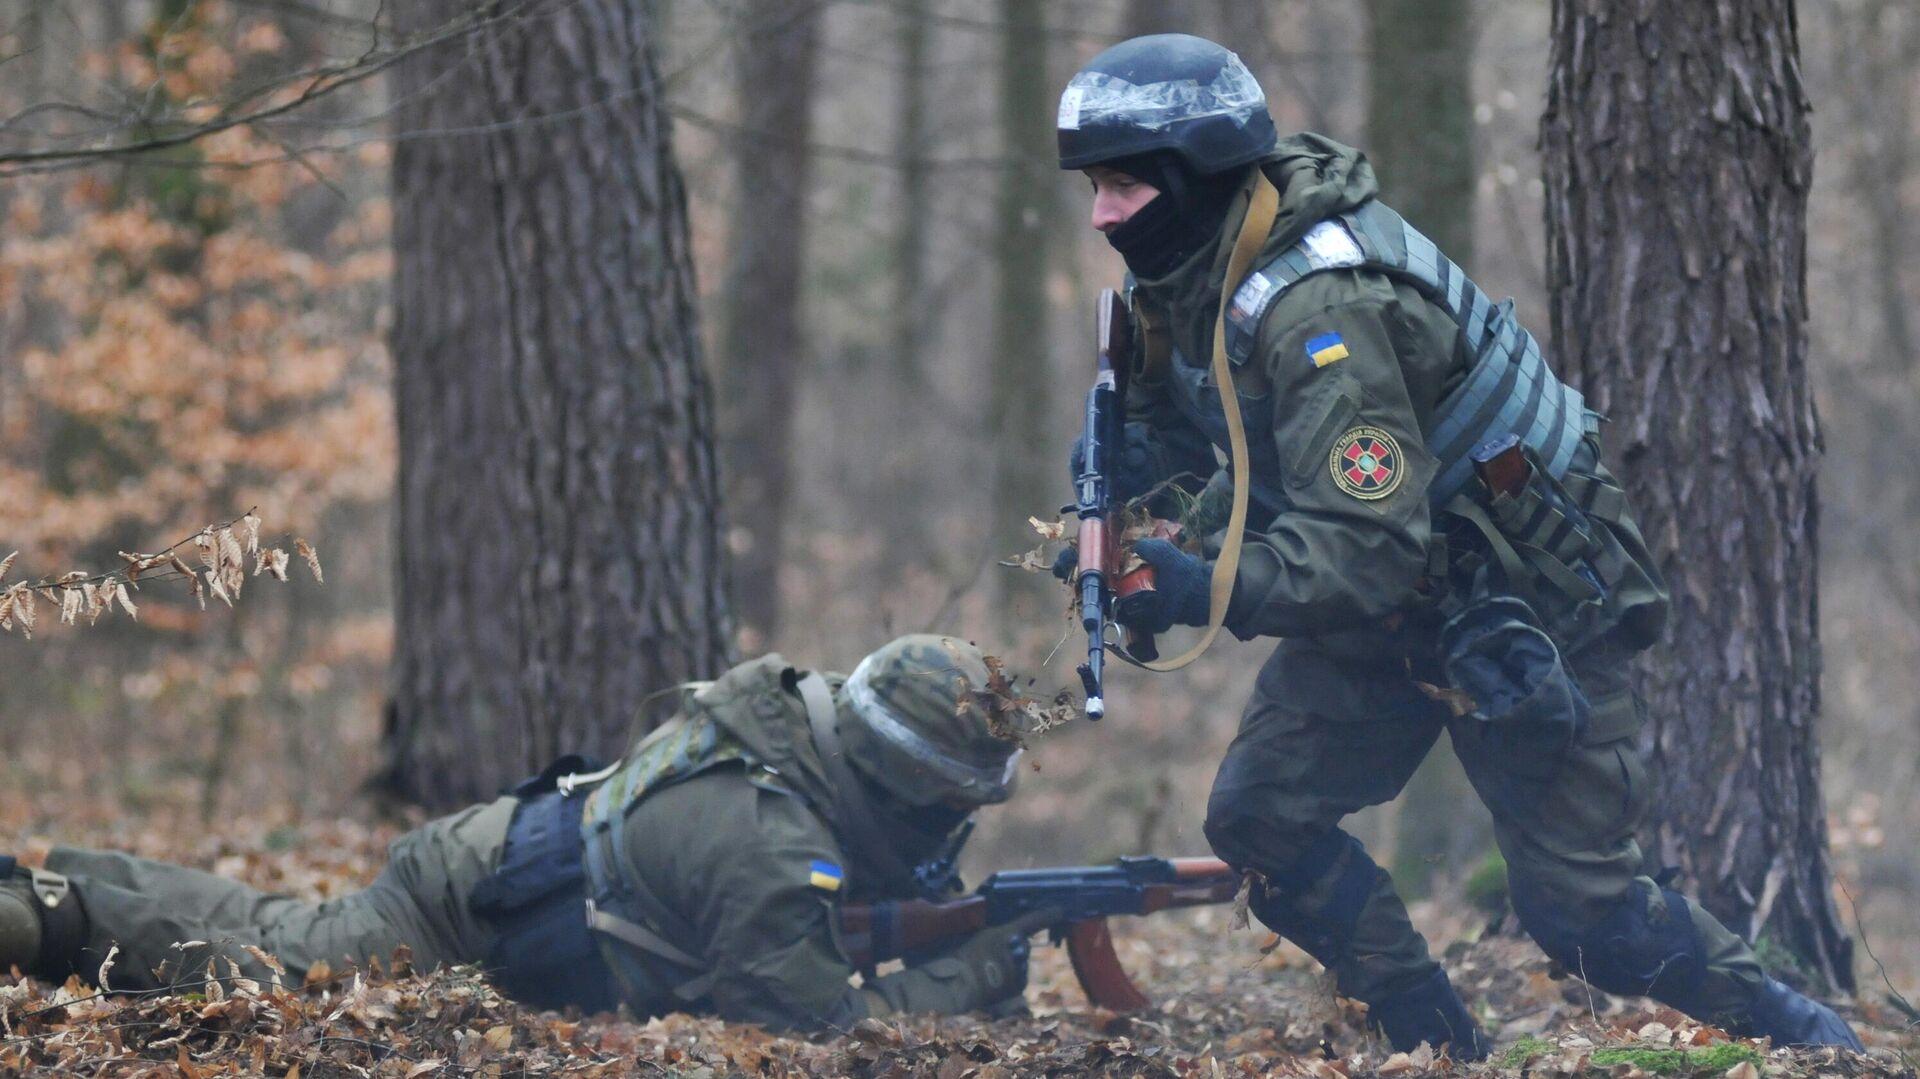 Военнослужащие Национальной гвардии Украины во время обучения по методике НАТО на полигоне в Золочевском районе Львовской области - РИА Новости, 1920, 10.05.2021